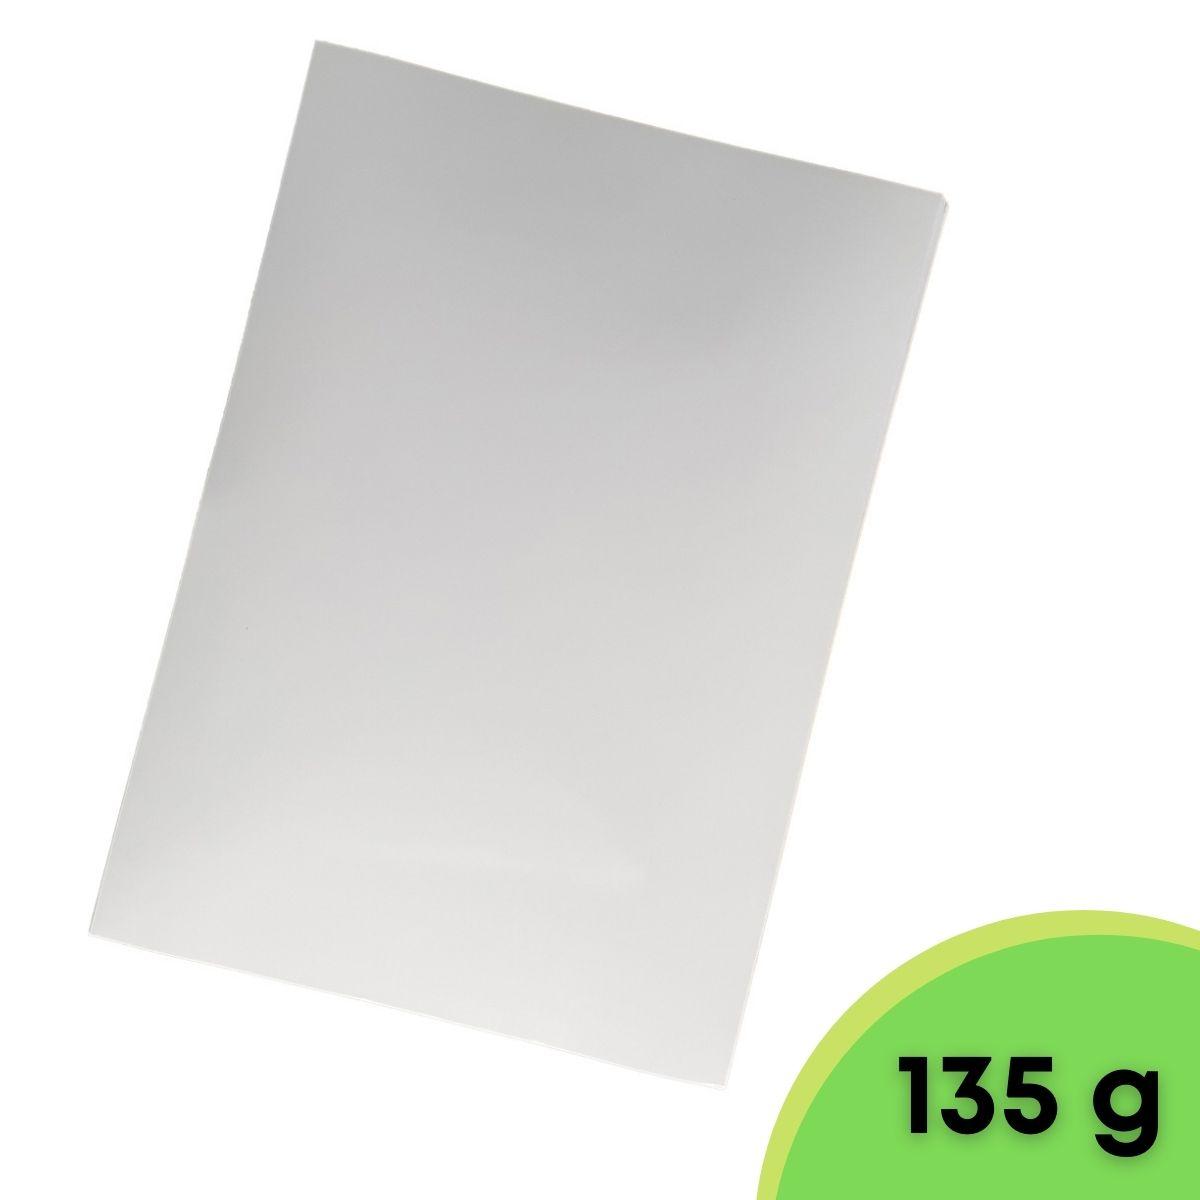 100 Folhas A4 Papel Adesivo fotografico 135g Para Jato De Tinta